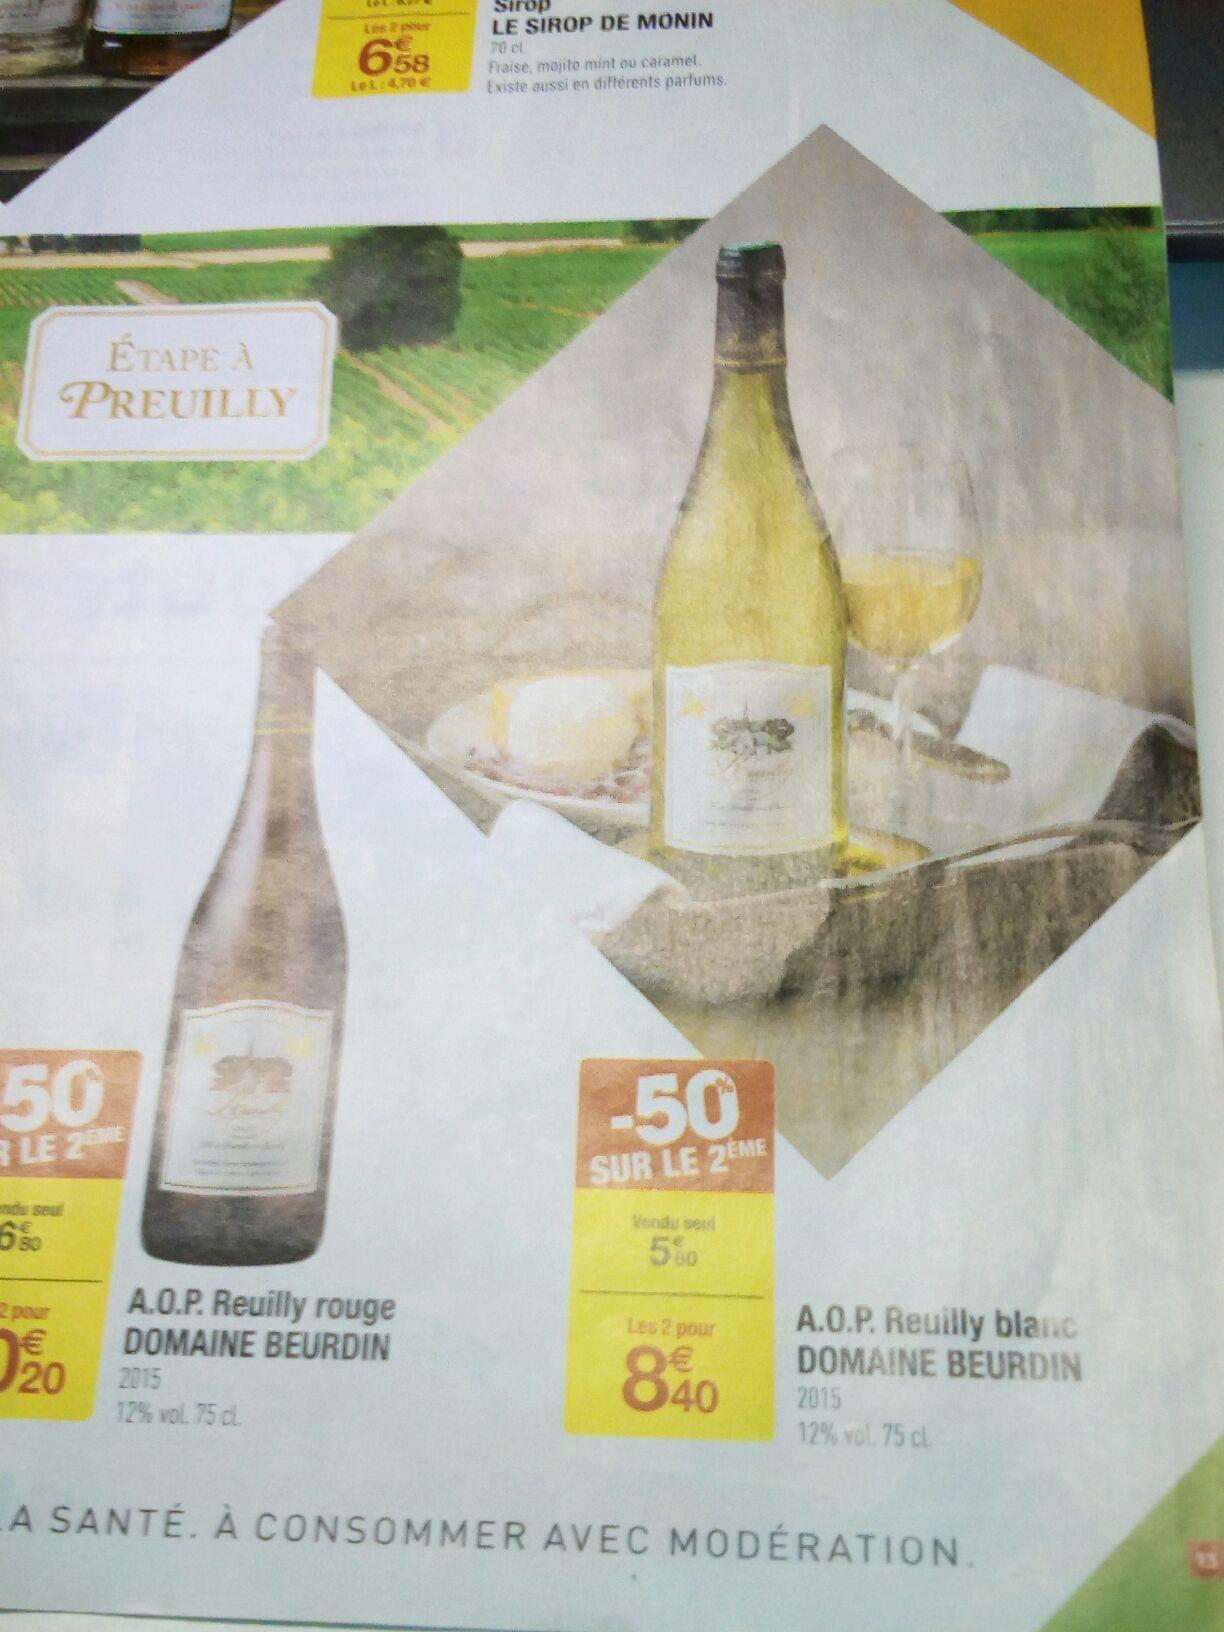 2 Bouteilles de vin blanc Reuilly 2015 Domaine Beurdin